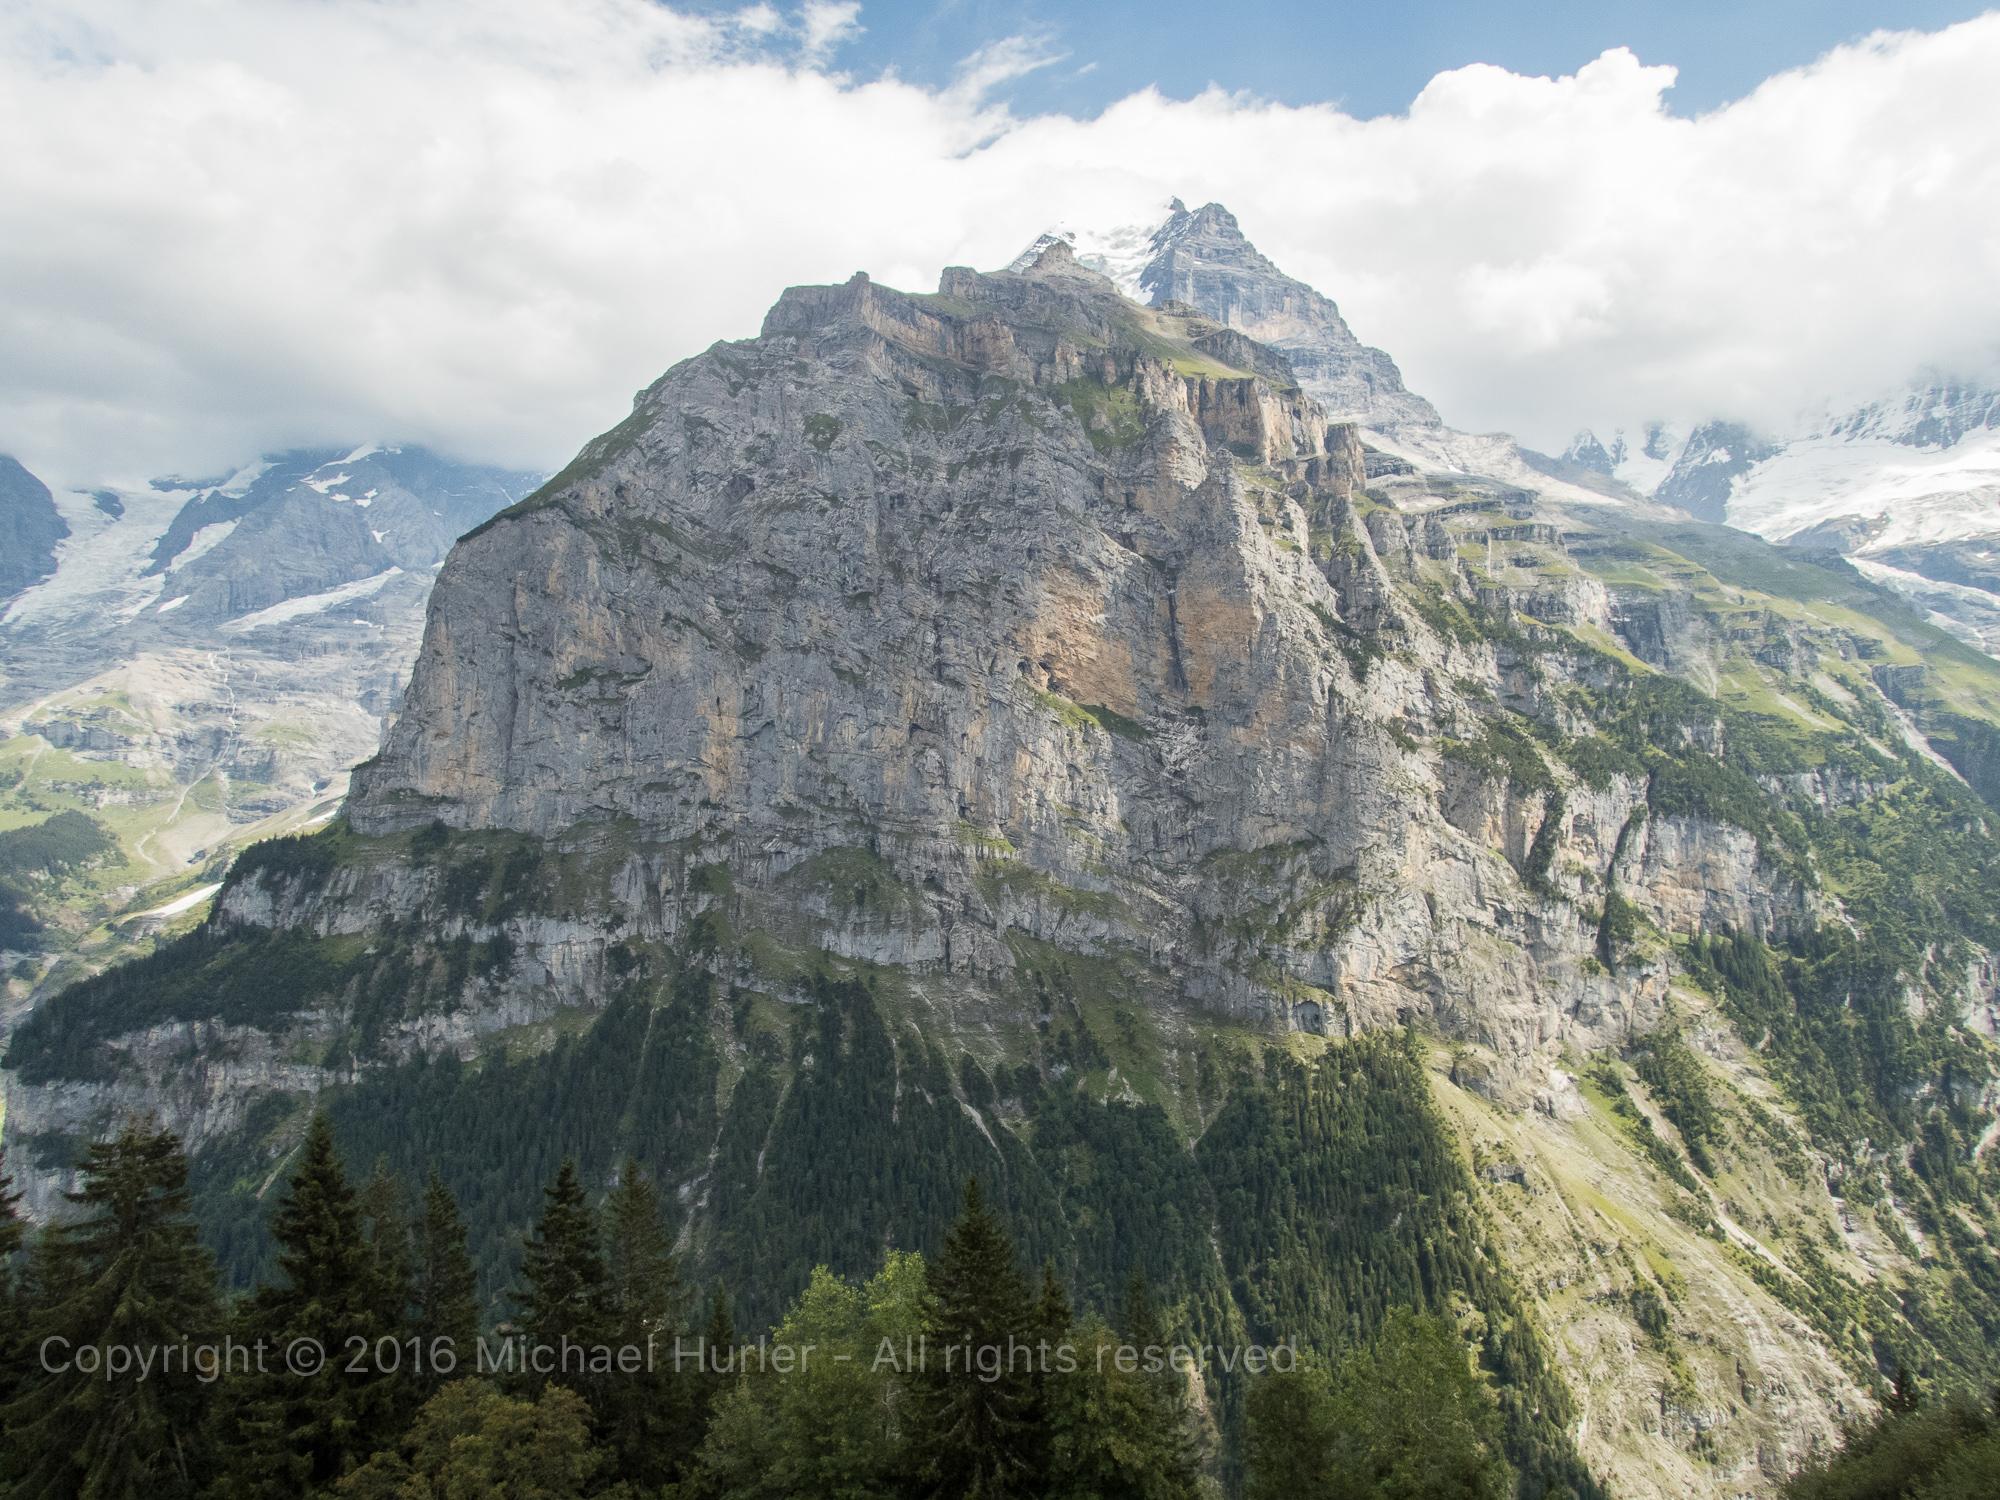 17.08.2016, Bärentrek - Von Mürren nach Kandersteg, Der Schwarzmönch von Mürren aus